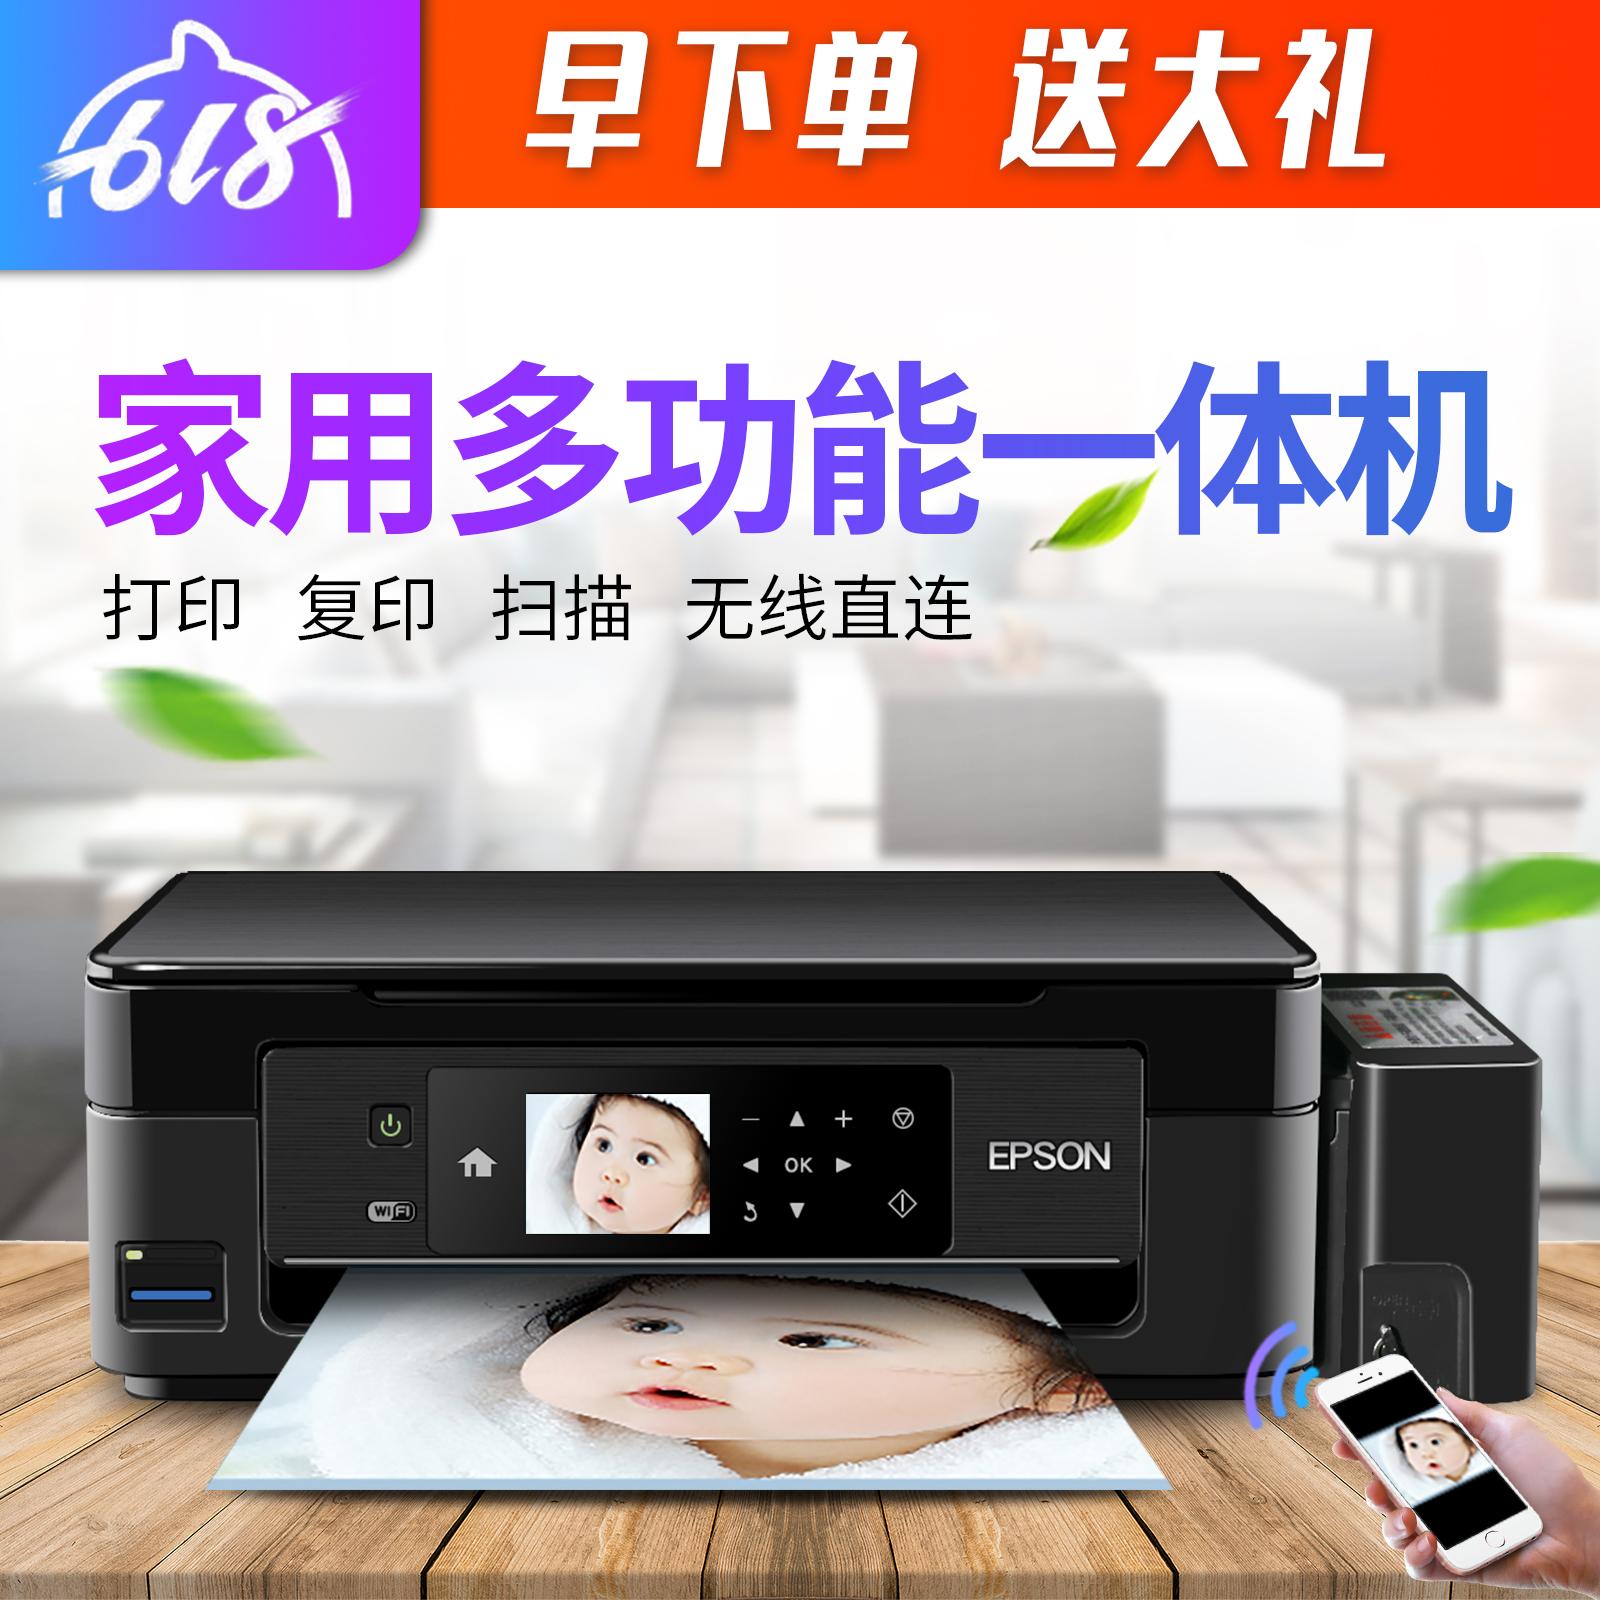 爱普生彩色喷墨多功能一体机XP442办公家用复印扫描WiF照片打印机